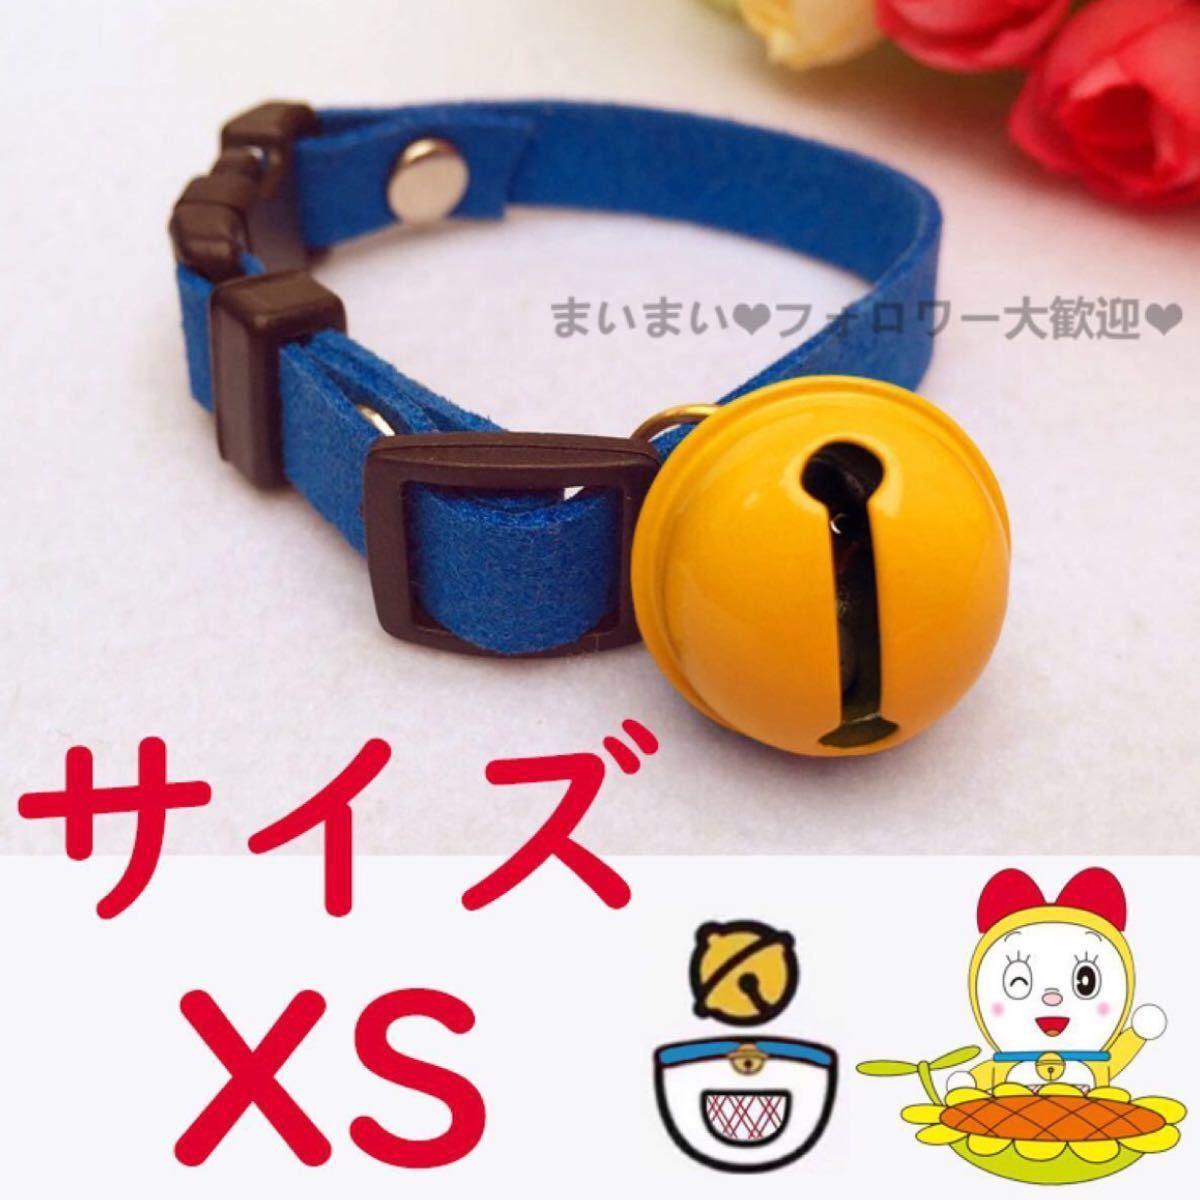 新品 ペット用  首輪  猫ちゃん 犬 サイズXS ドラミちゃん風 青 ブルー